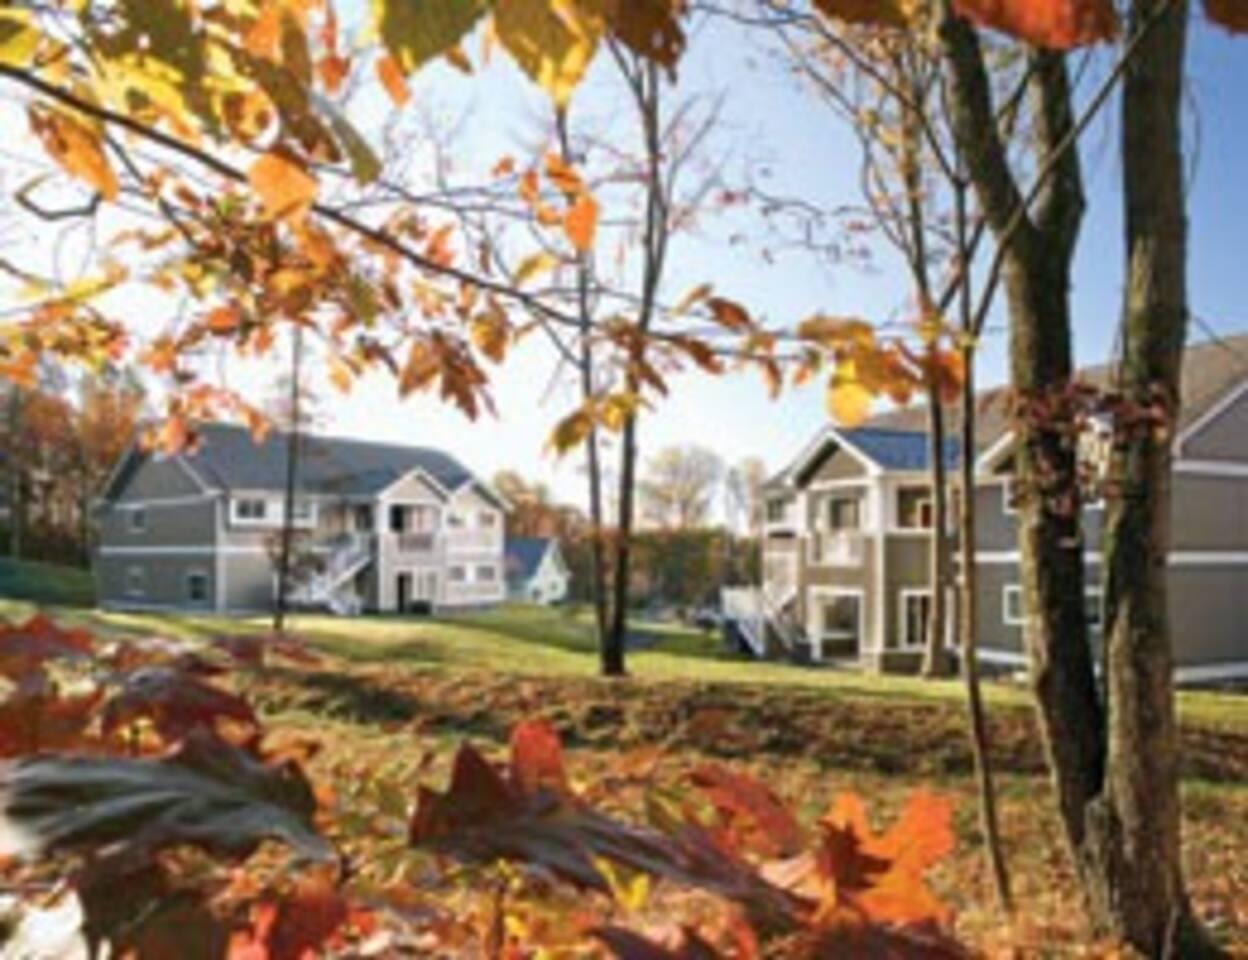 Poconos - Wyndham Shawnee Village Resort